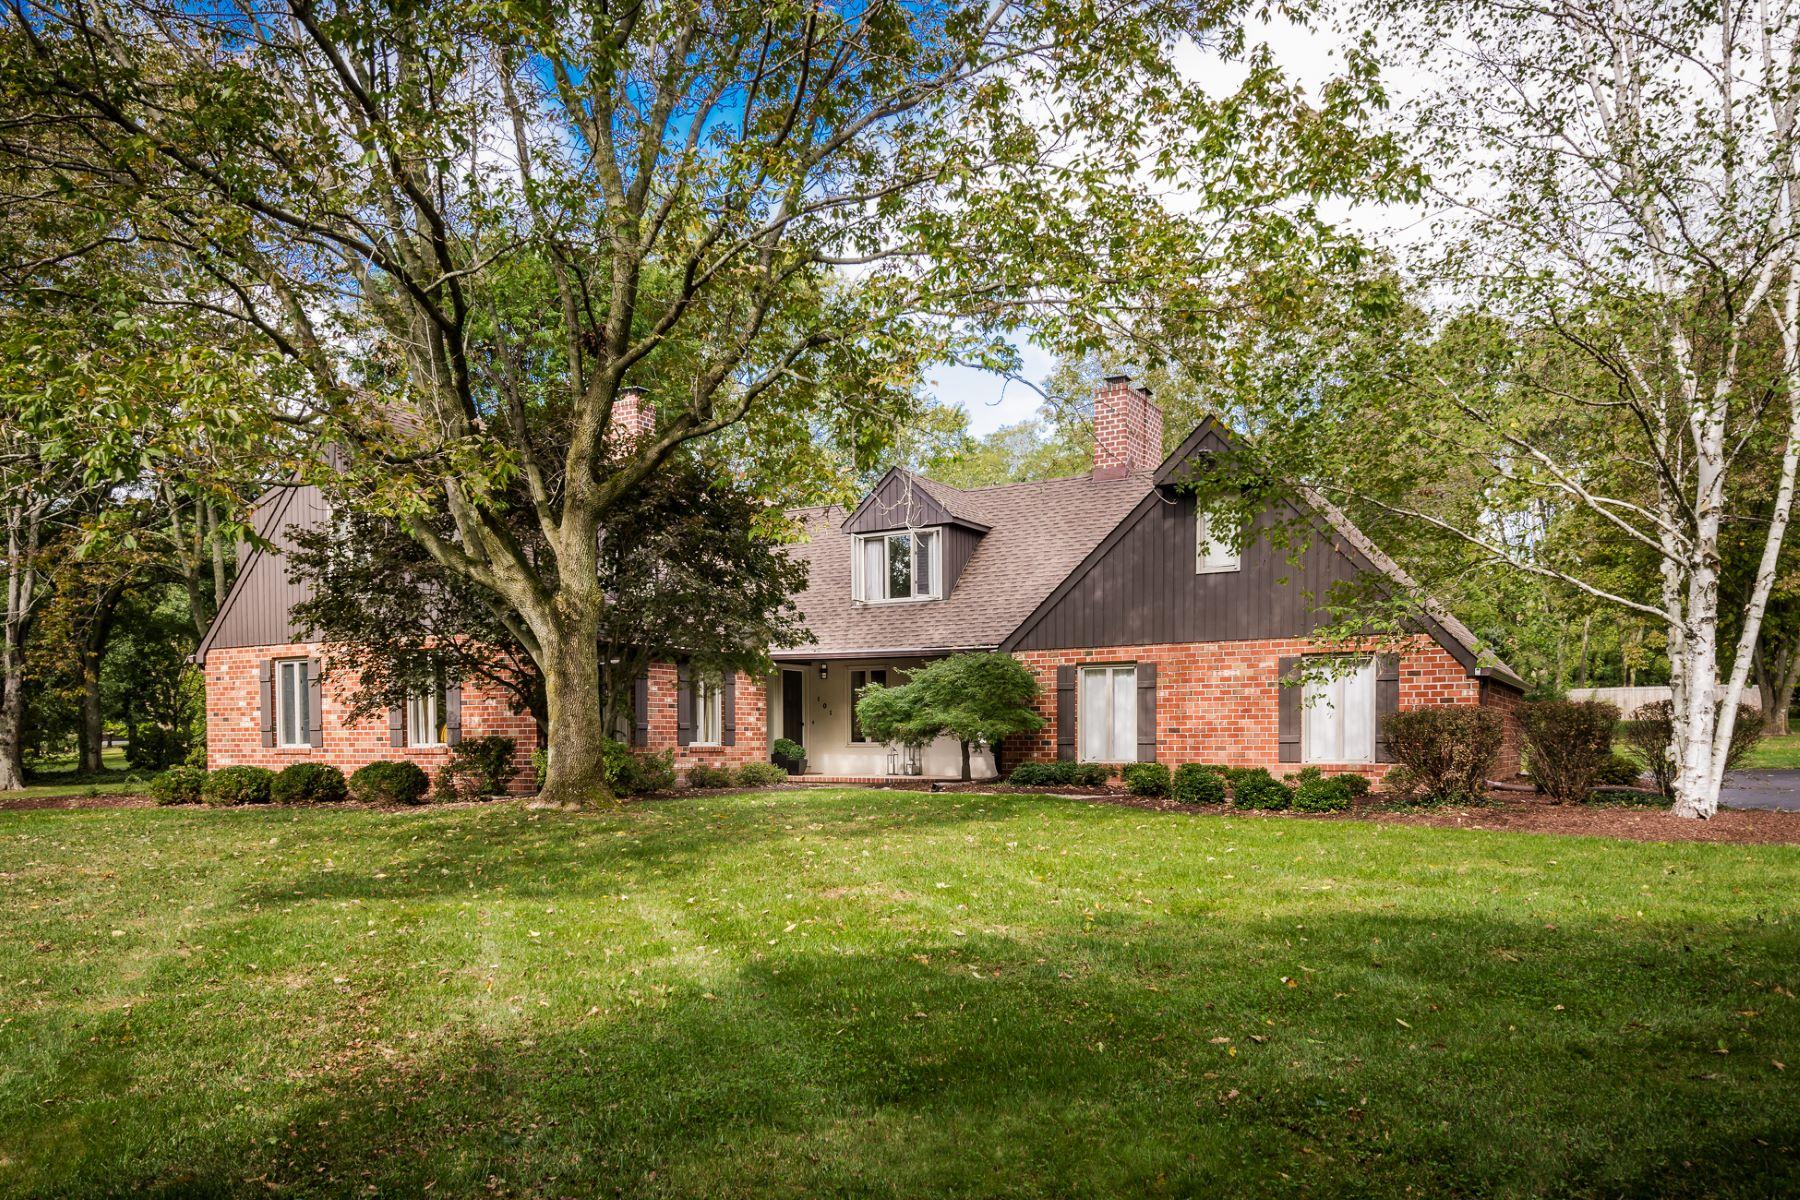 Casa Unifamiliar por un Venta en Buyer Friendly - Hopewell Township 101 West Shore Drive Pennington, Nueva Jersey, 08534 Estados Unidos